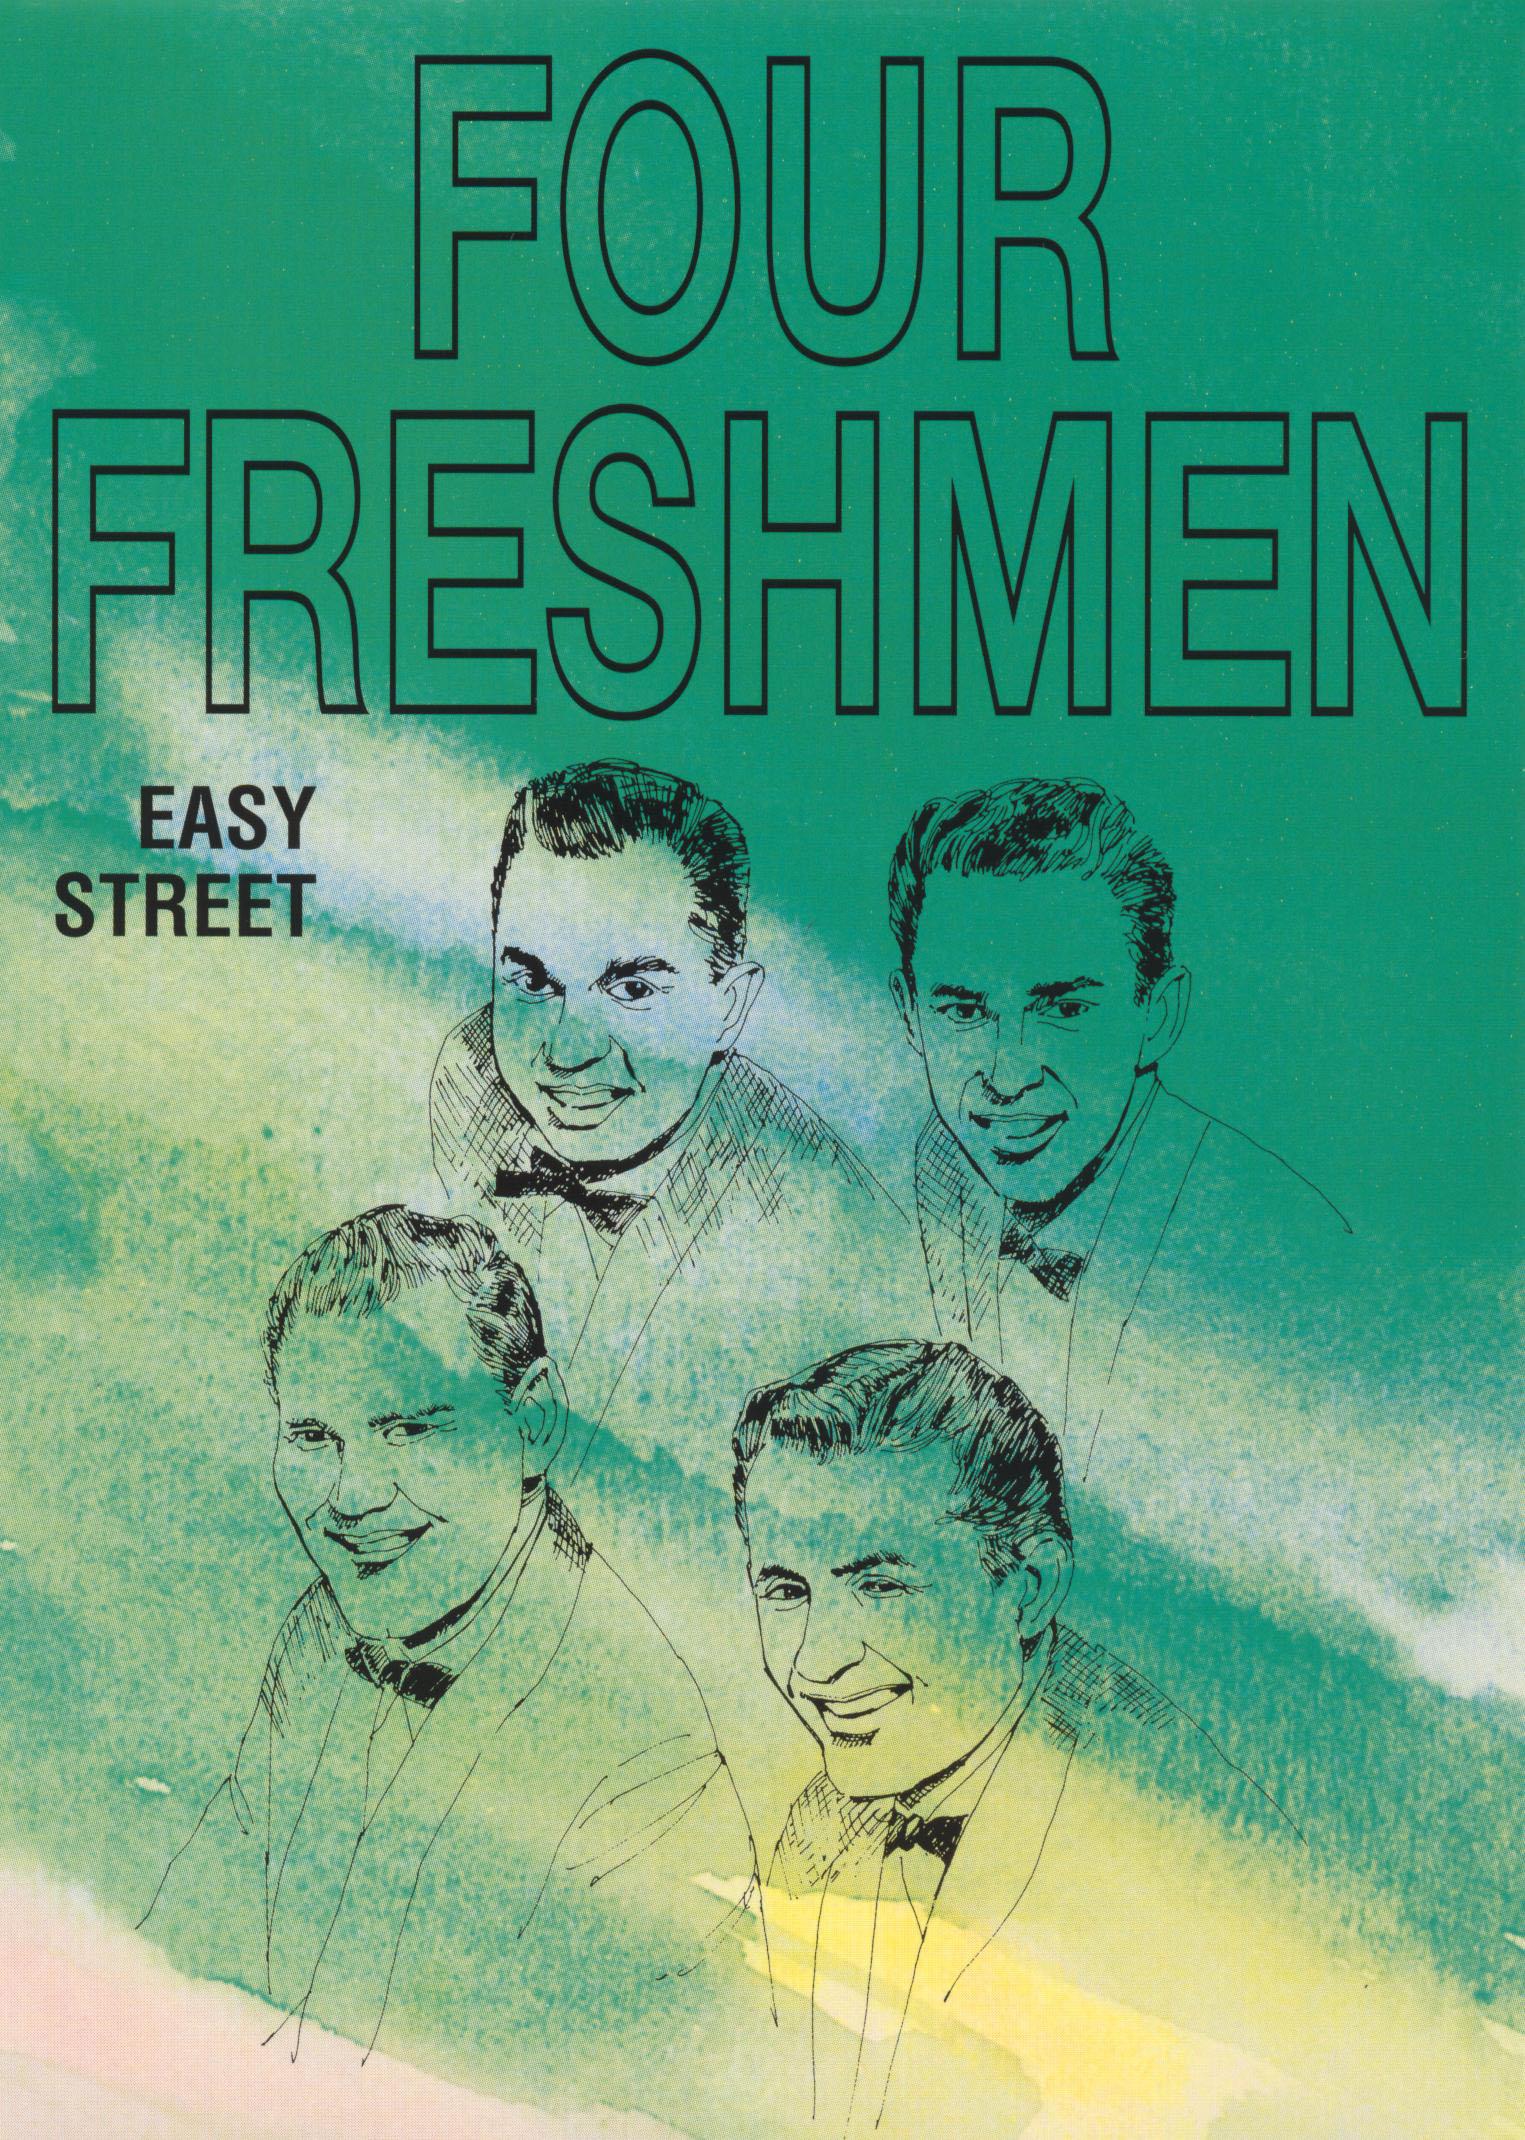 Four Freshmen: Easy Street